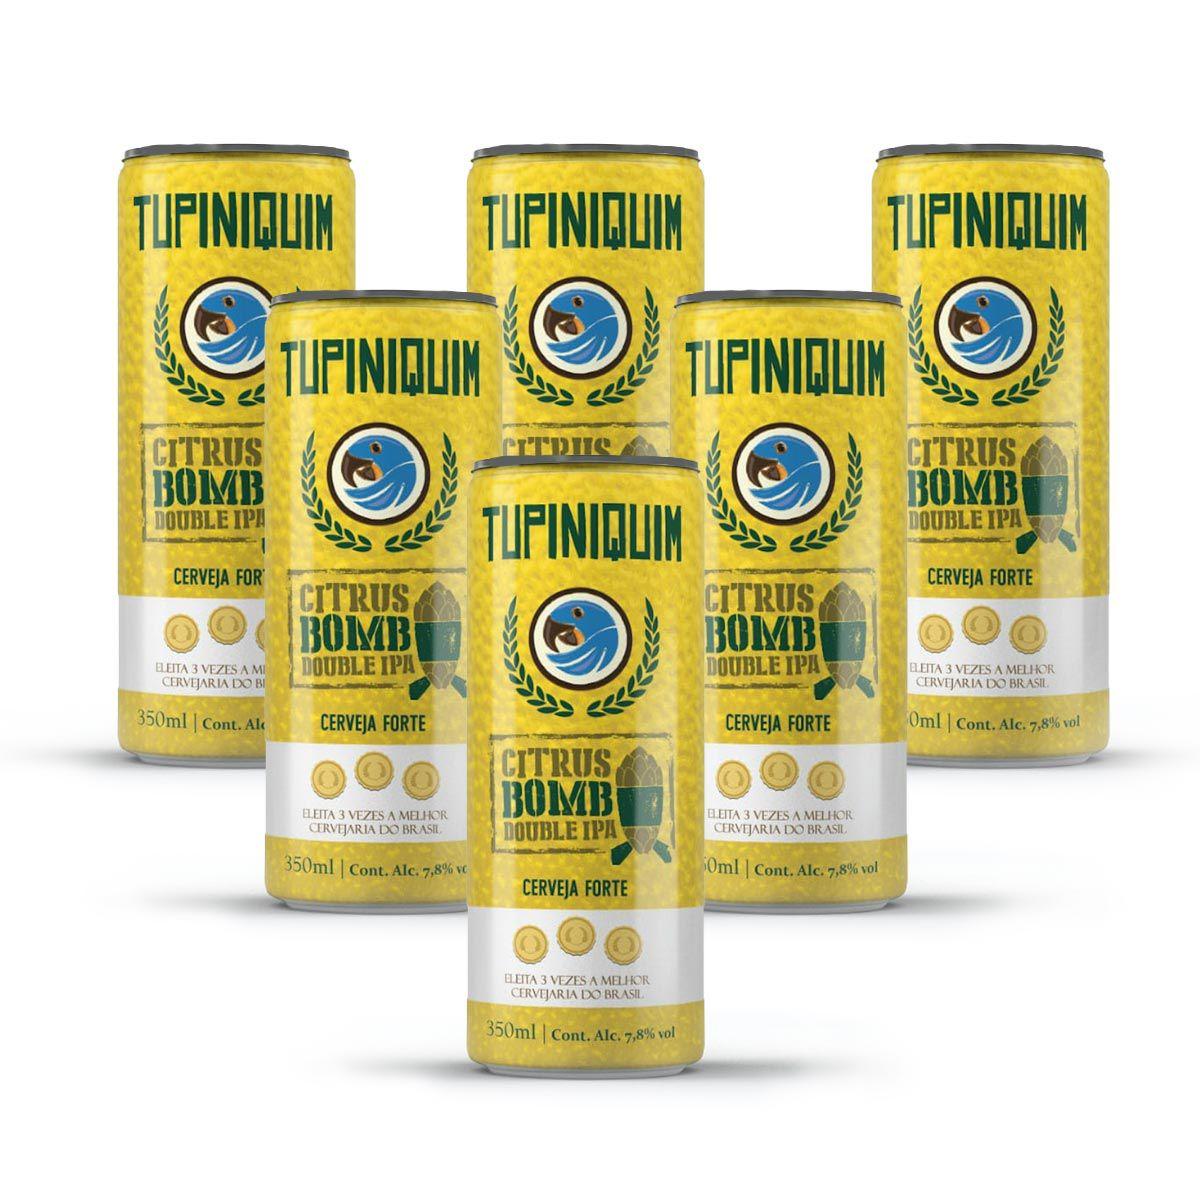 Pack Tupiniquim Citrus Bomb Double IPA 6 latas 350ml